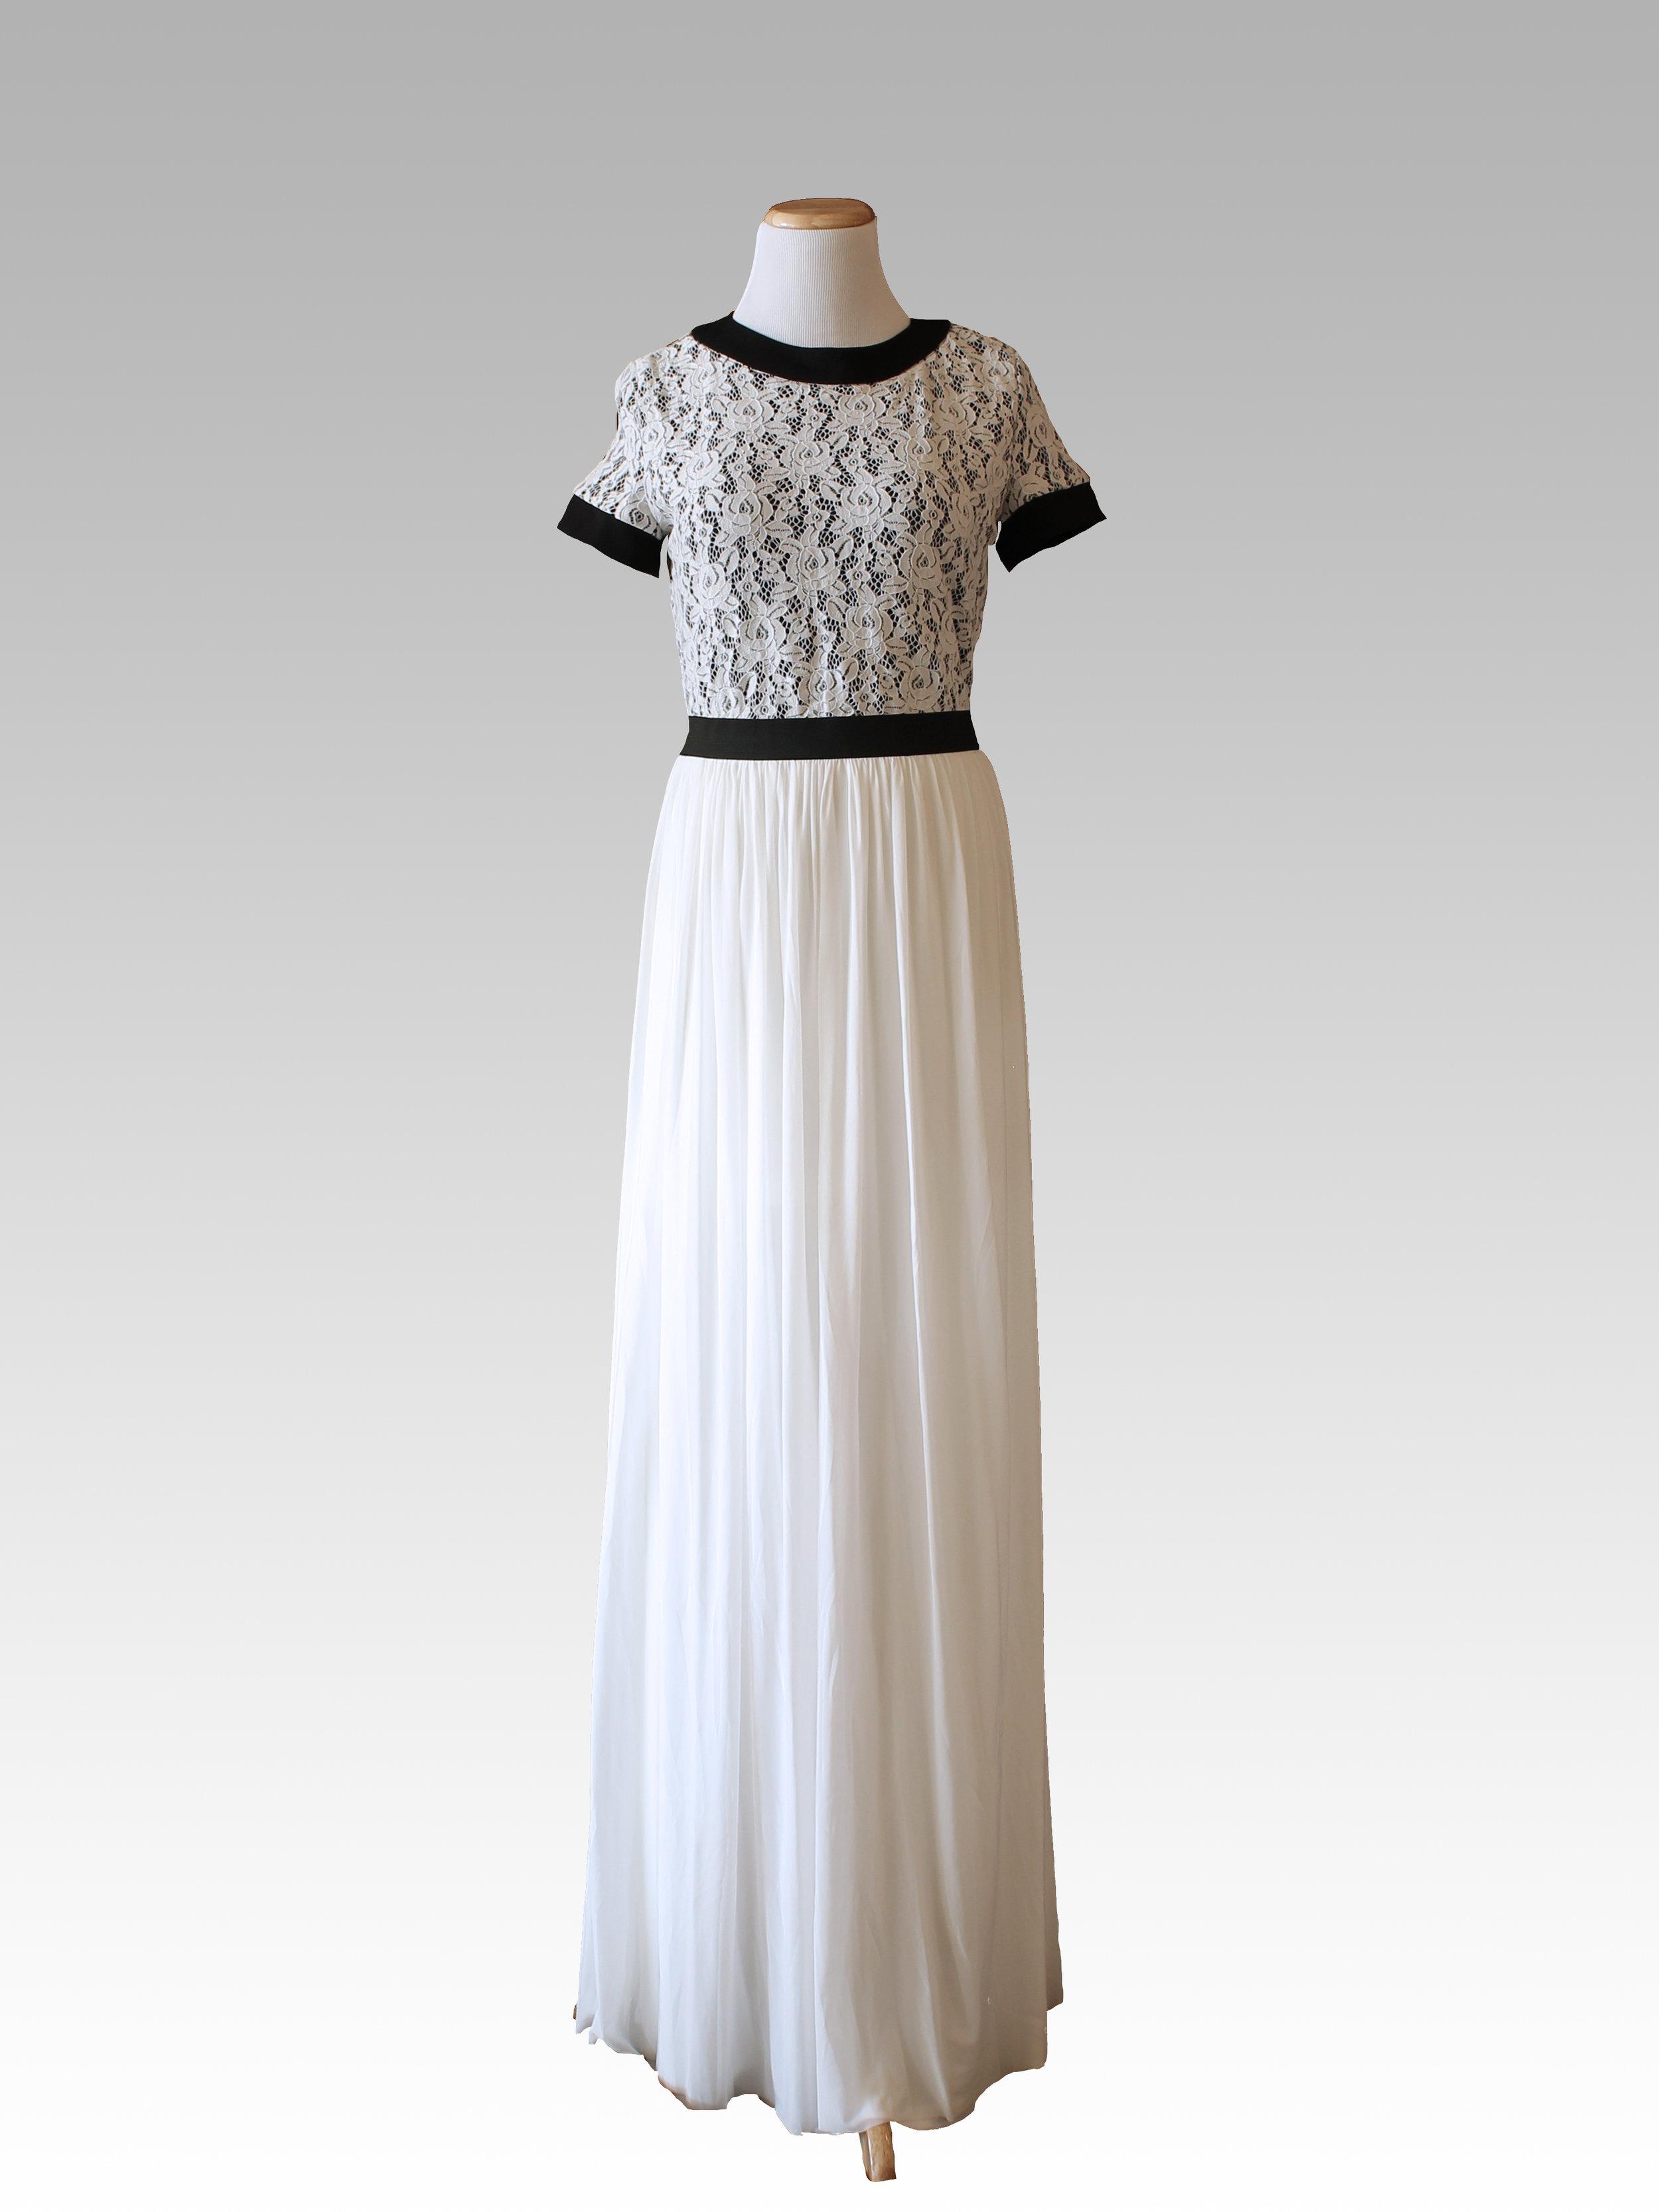 white-dress-black-hems-front.jpg